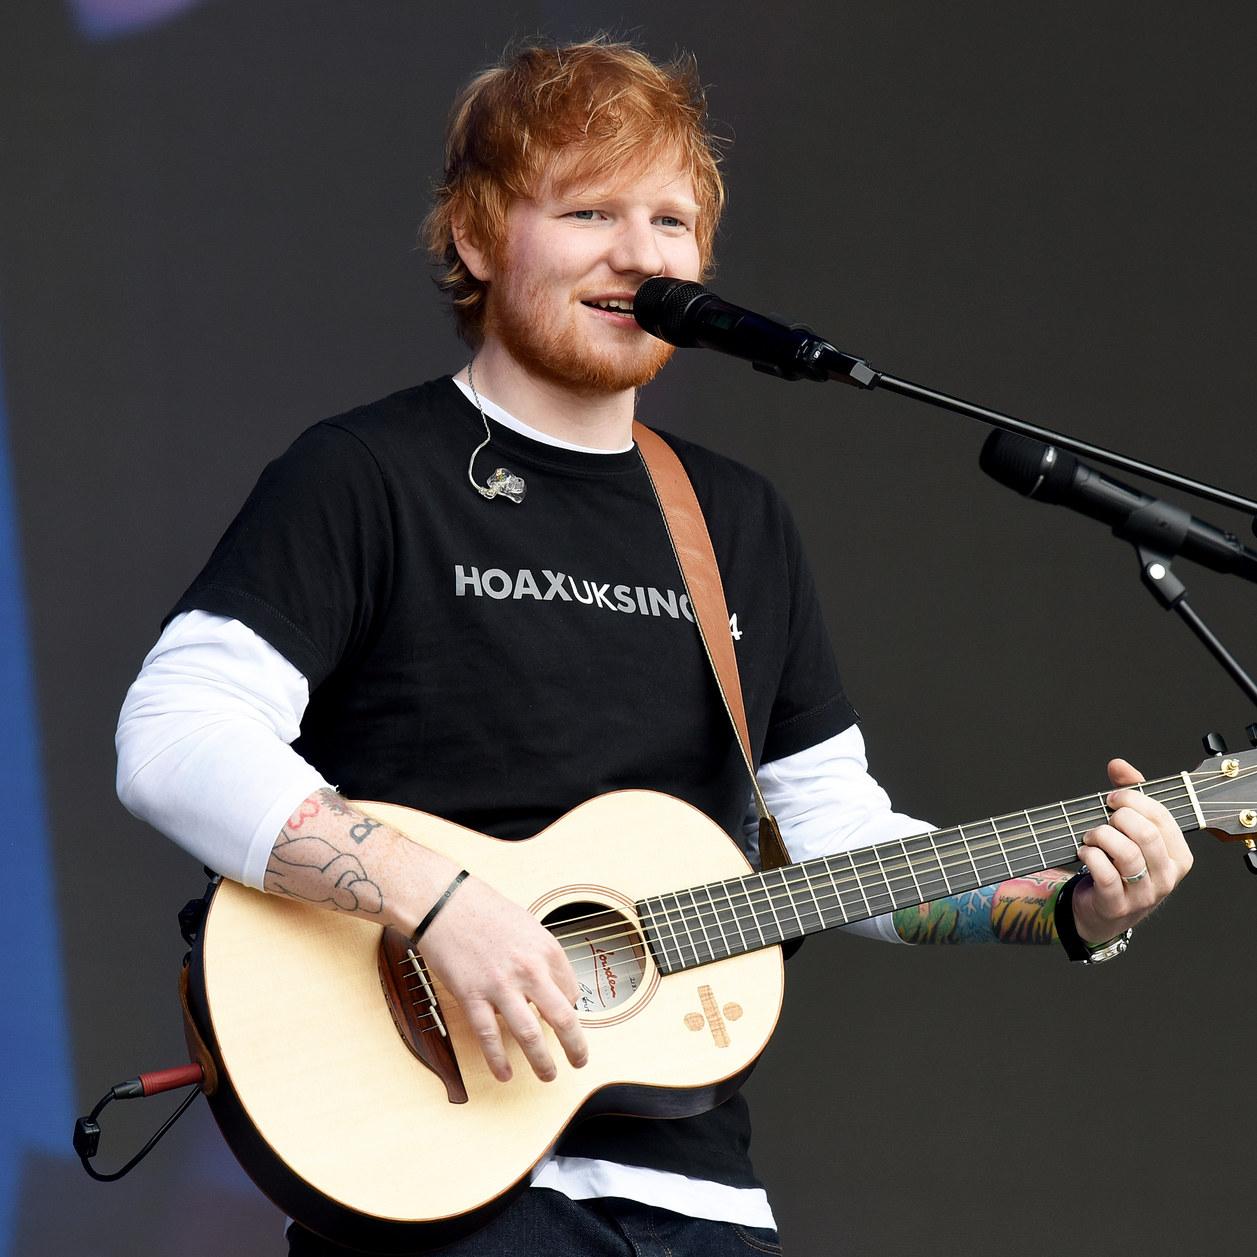 A Lyon, Ed Sheeran fait une visite surprise à des enfants malades